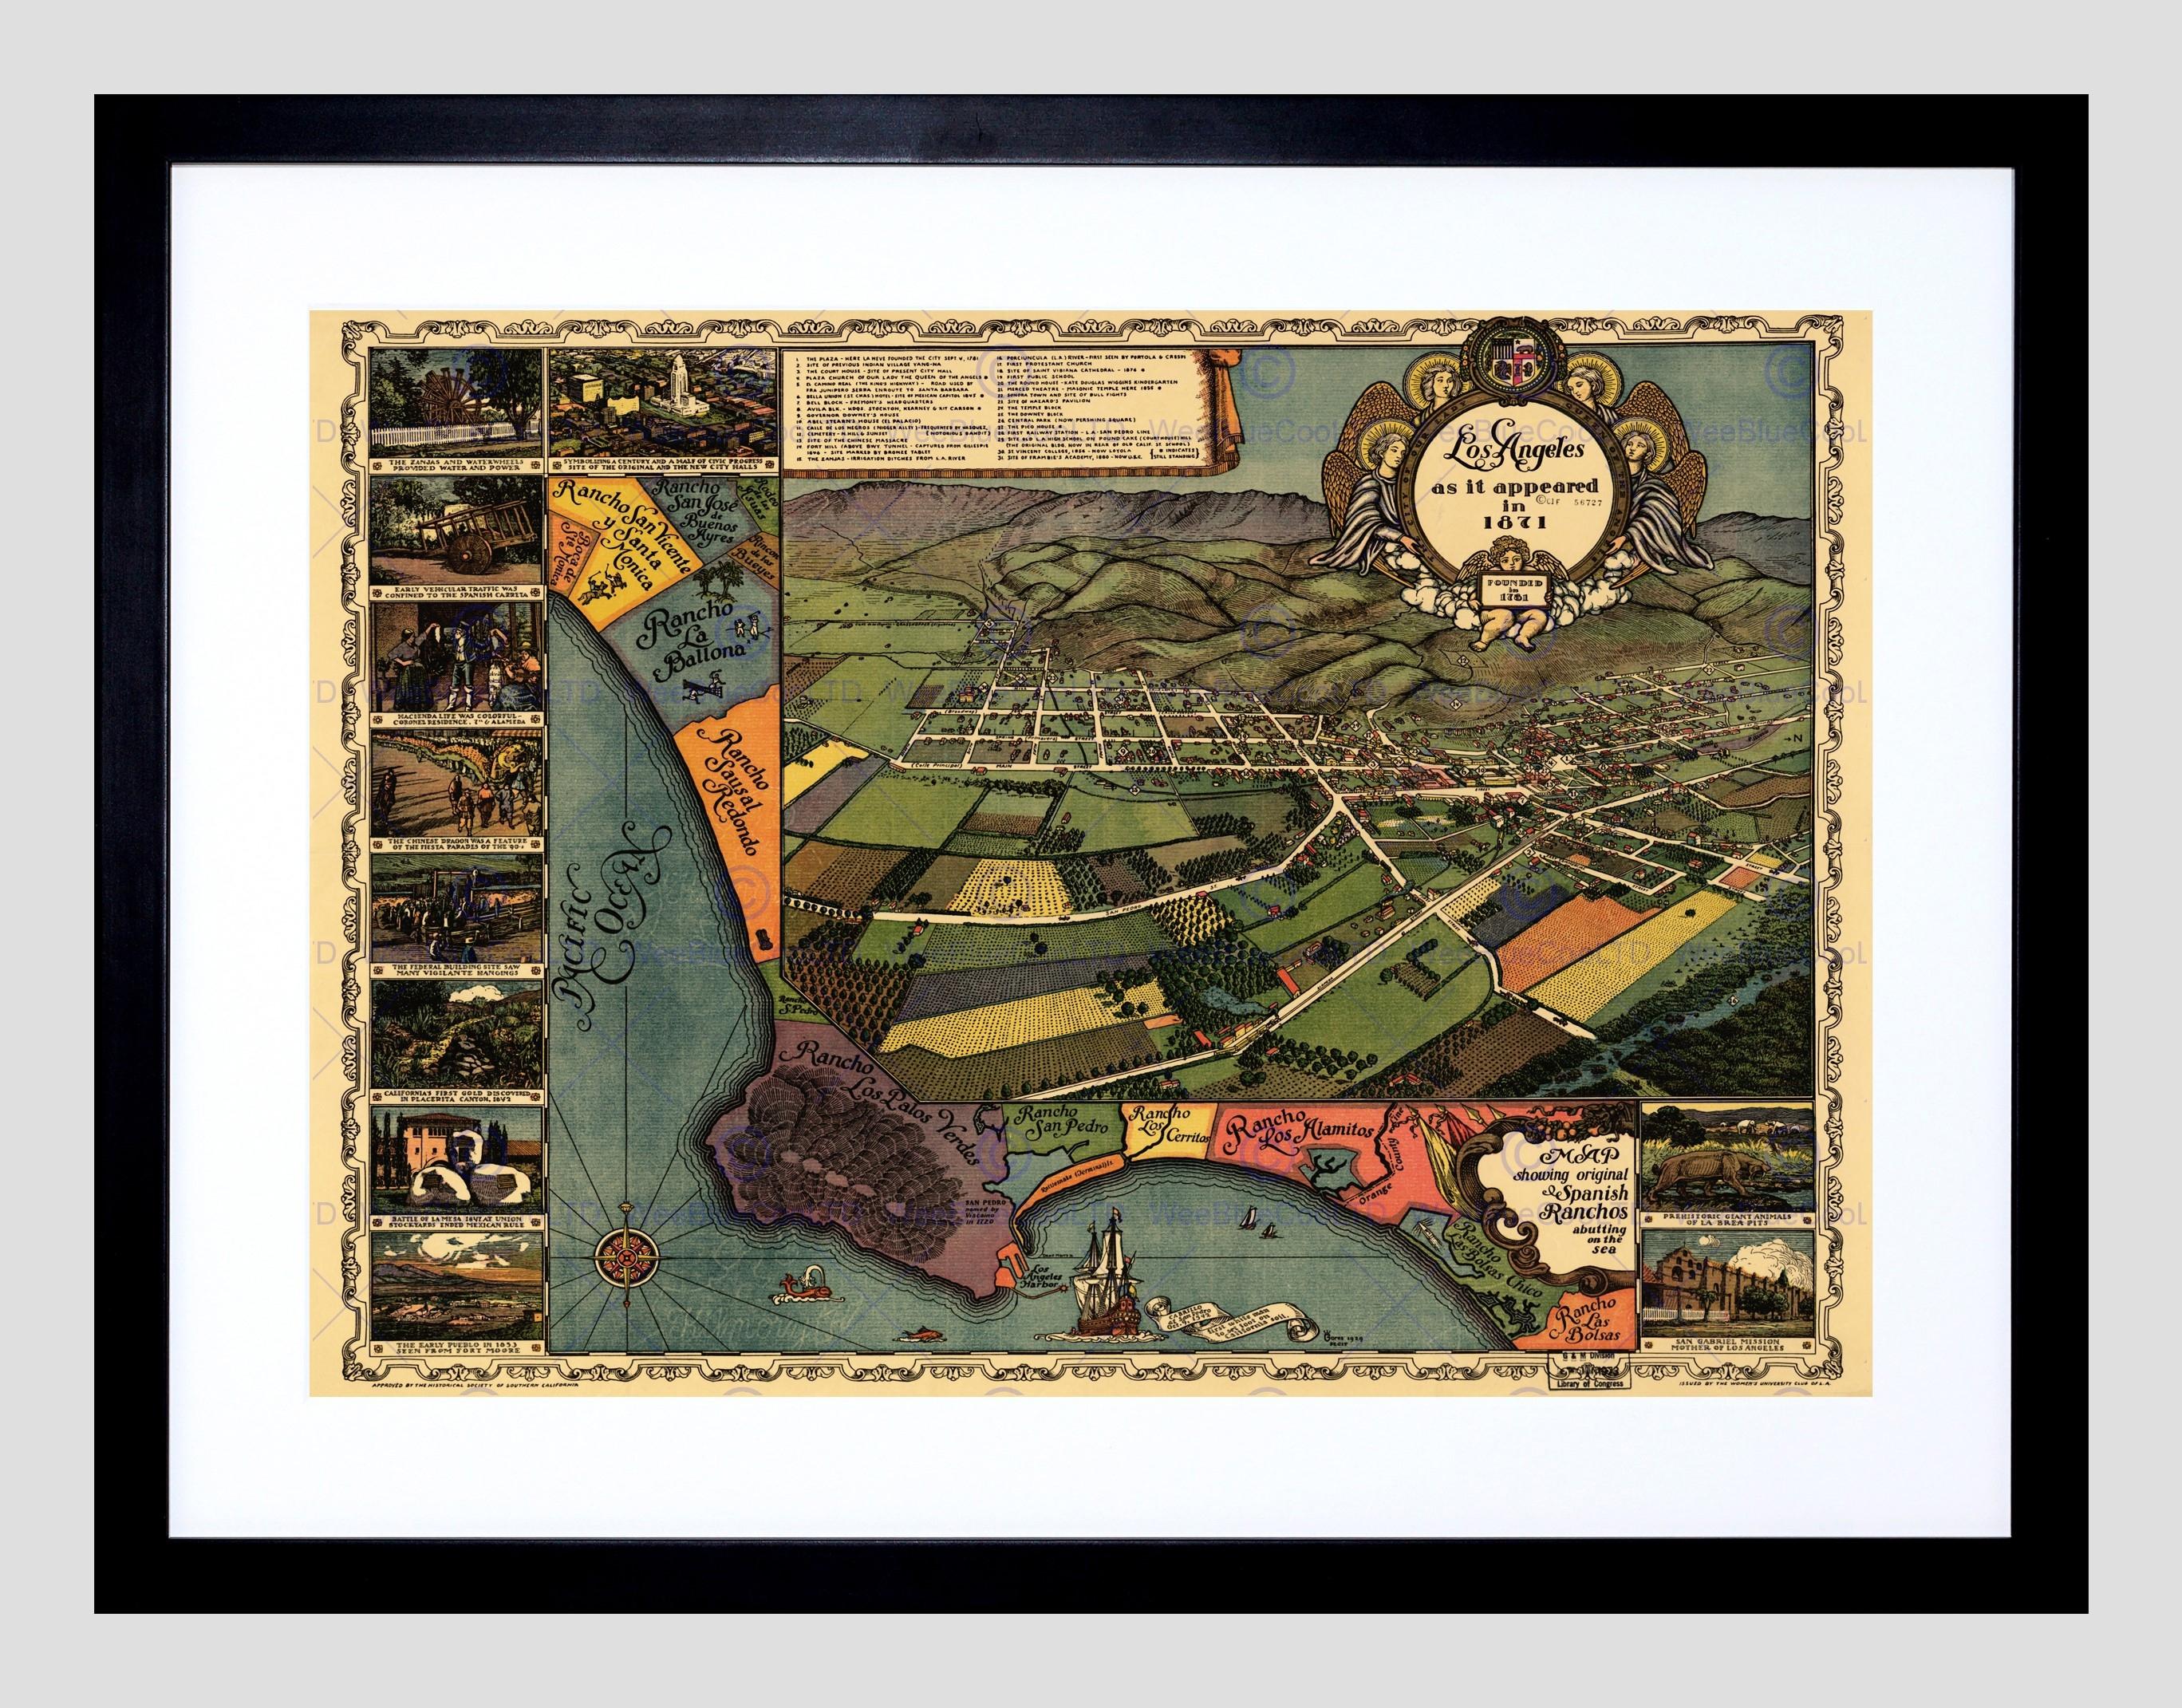 Map Los Angeles 1871 Vintage Framed Art Print Poster F12X10075 | Ebay Inside 2018 Los Angeles Framed Art Prints (View 4 of 15)